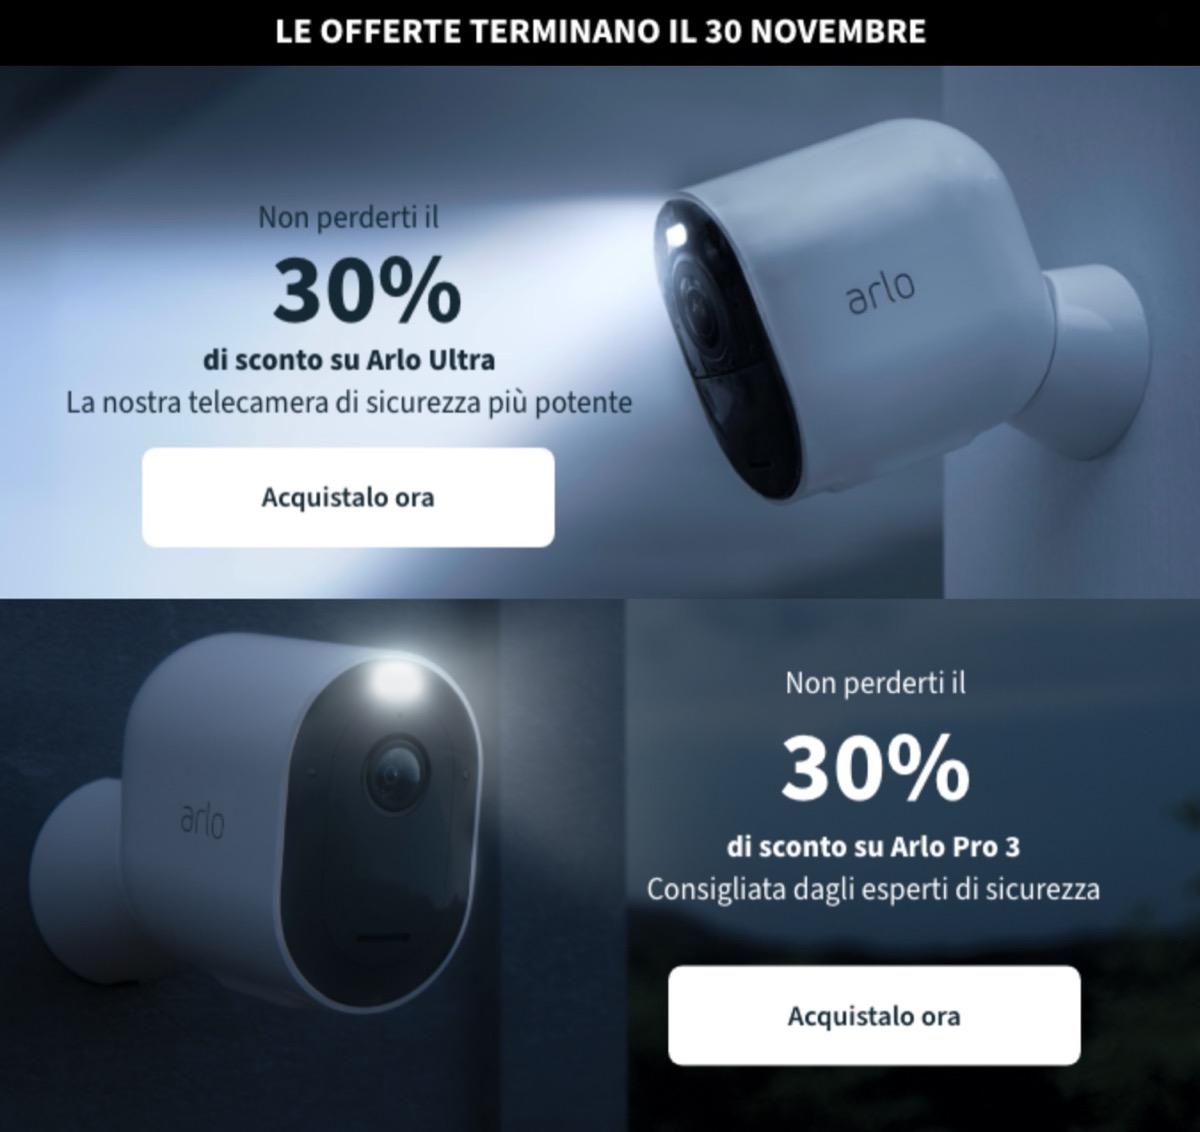 Settimana Black Friday Amazon: Netgear Arlo Pro3 e Arlo Ultra in sconto fino al 35%